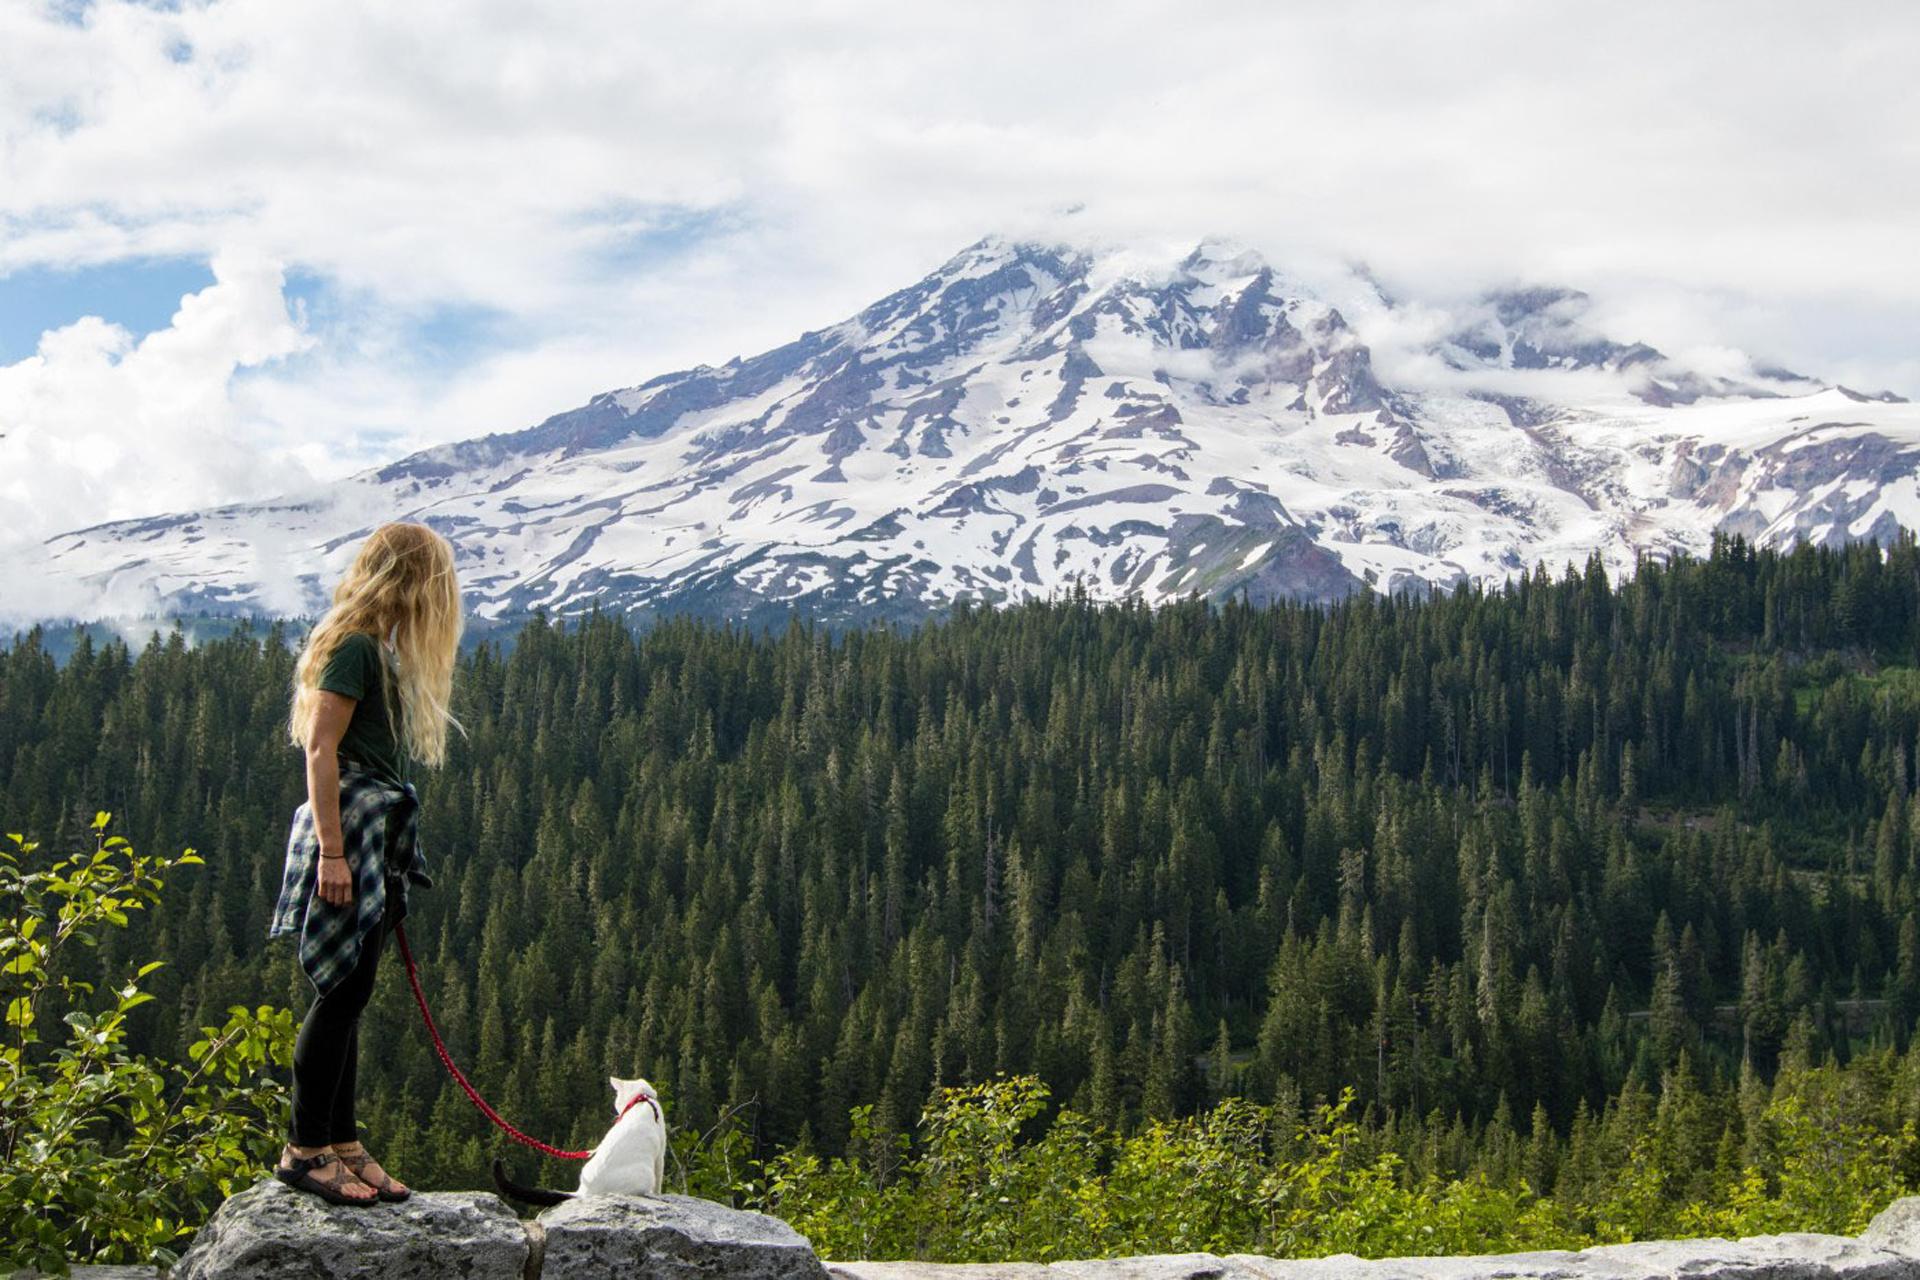 El gato junto a sus dueños. Ya recorrió 50 de 59 parques nacionales, incluyendo siete de Alaska (adventurecats)